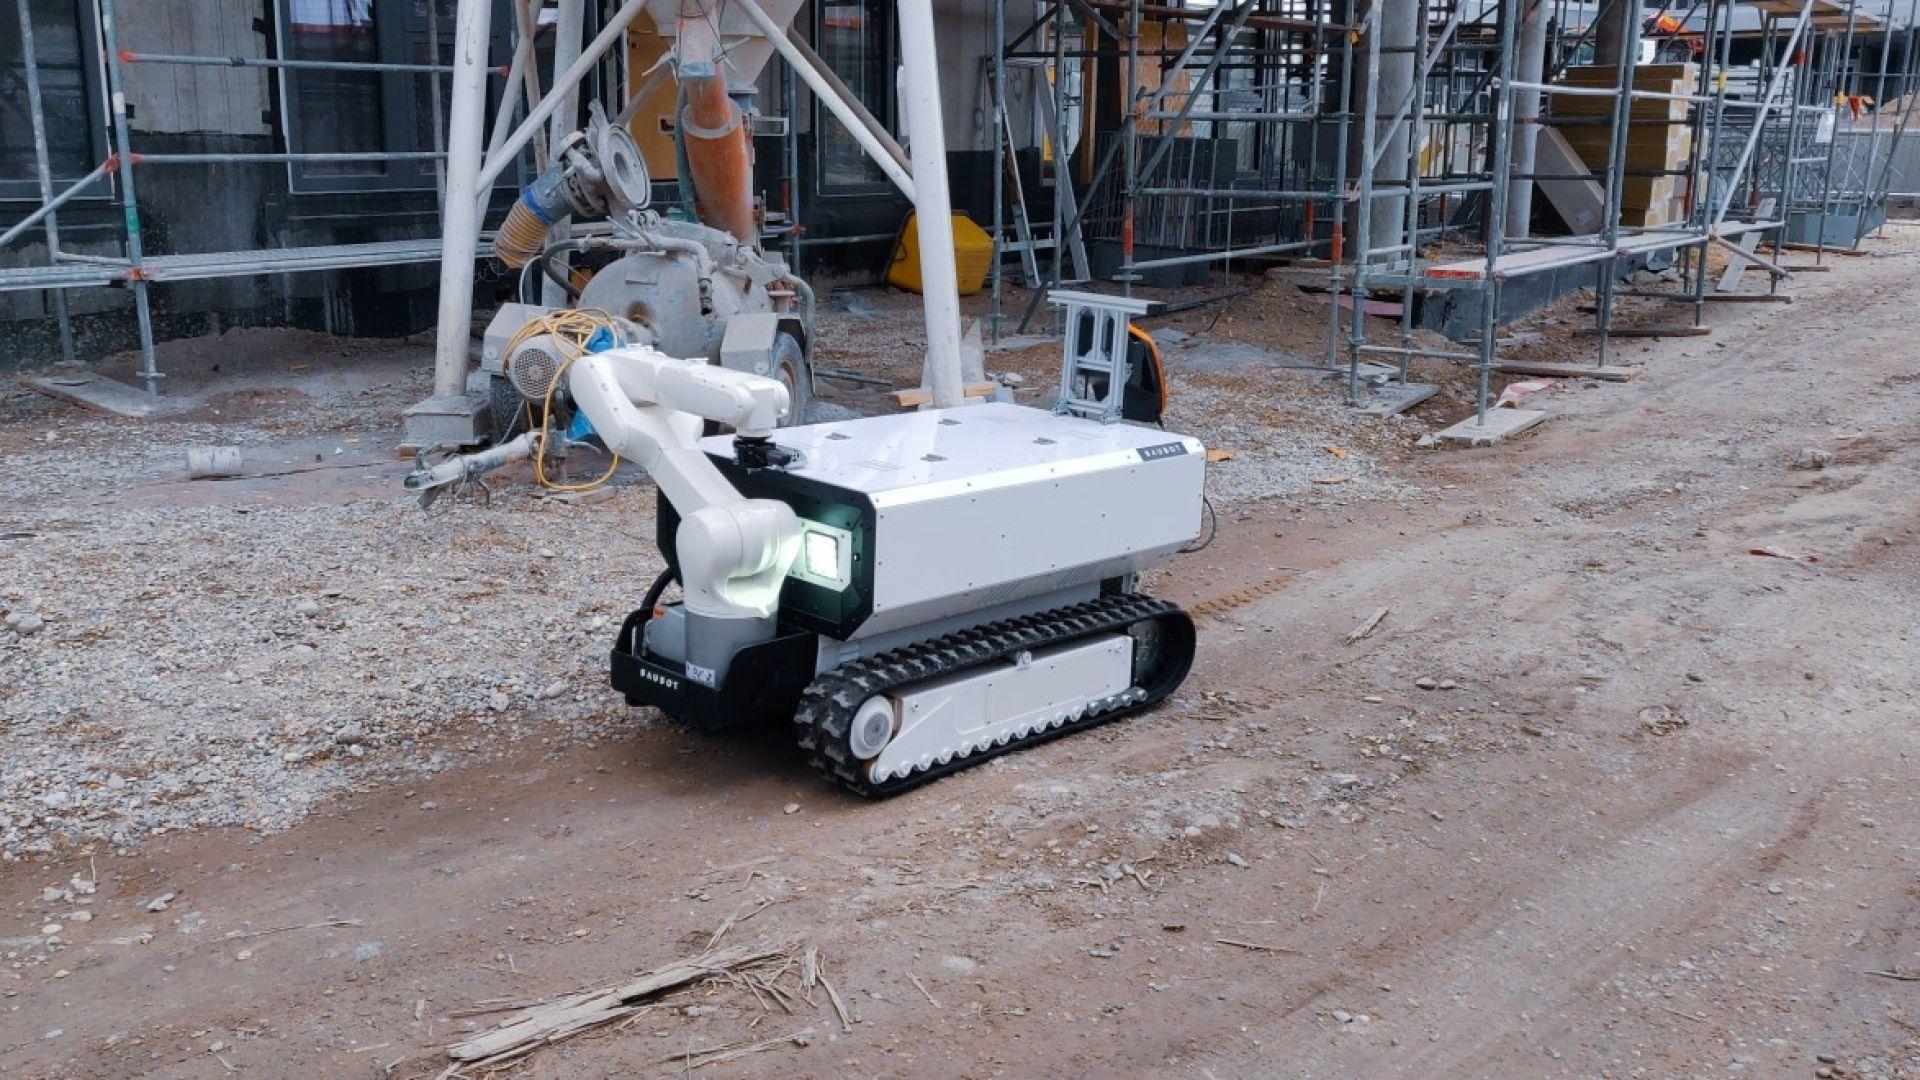 Модулен робот се изявява като строителен работник